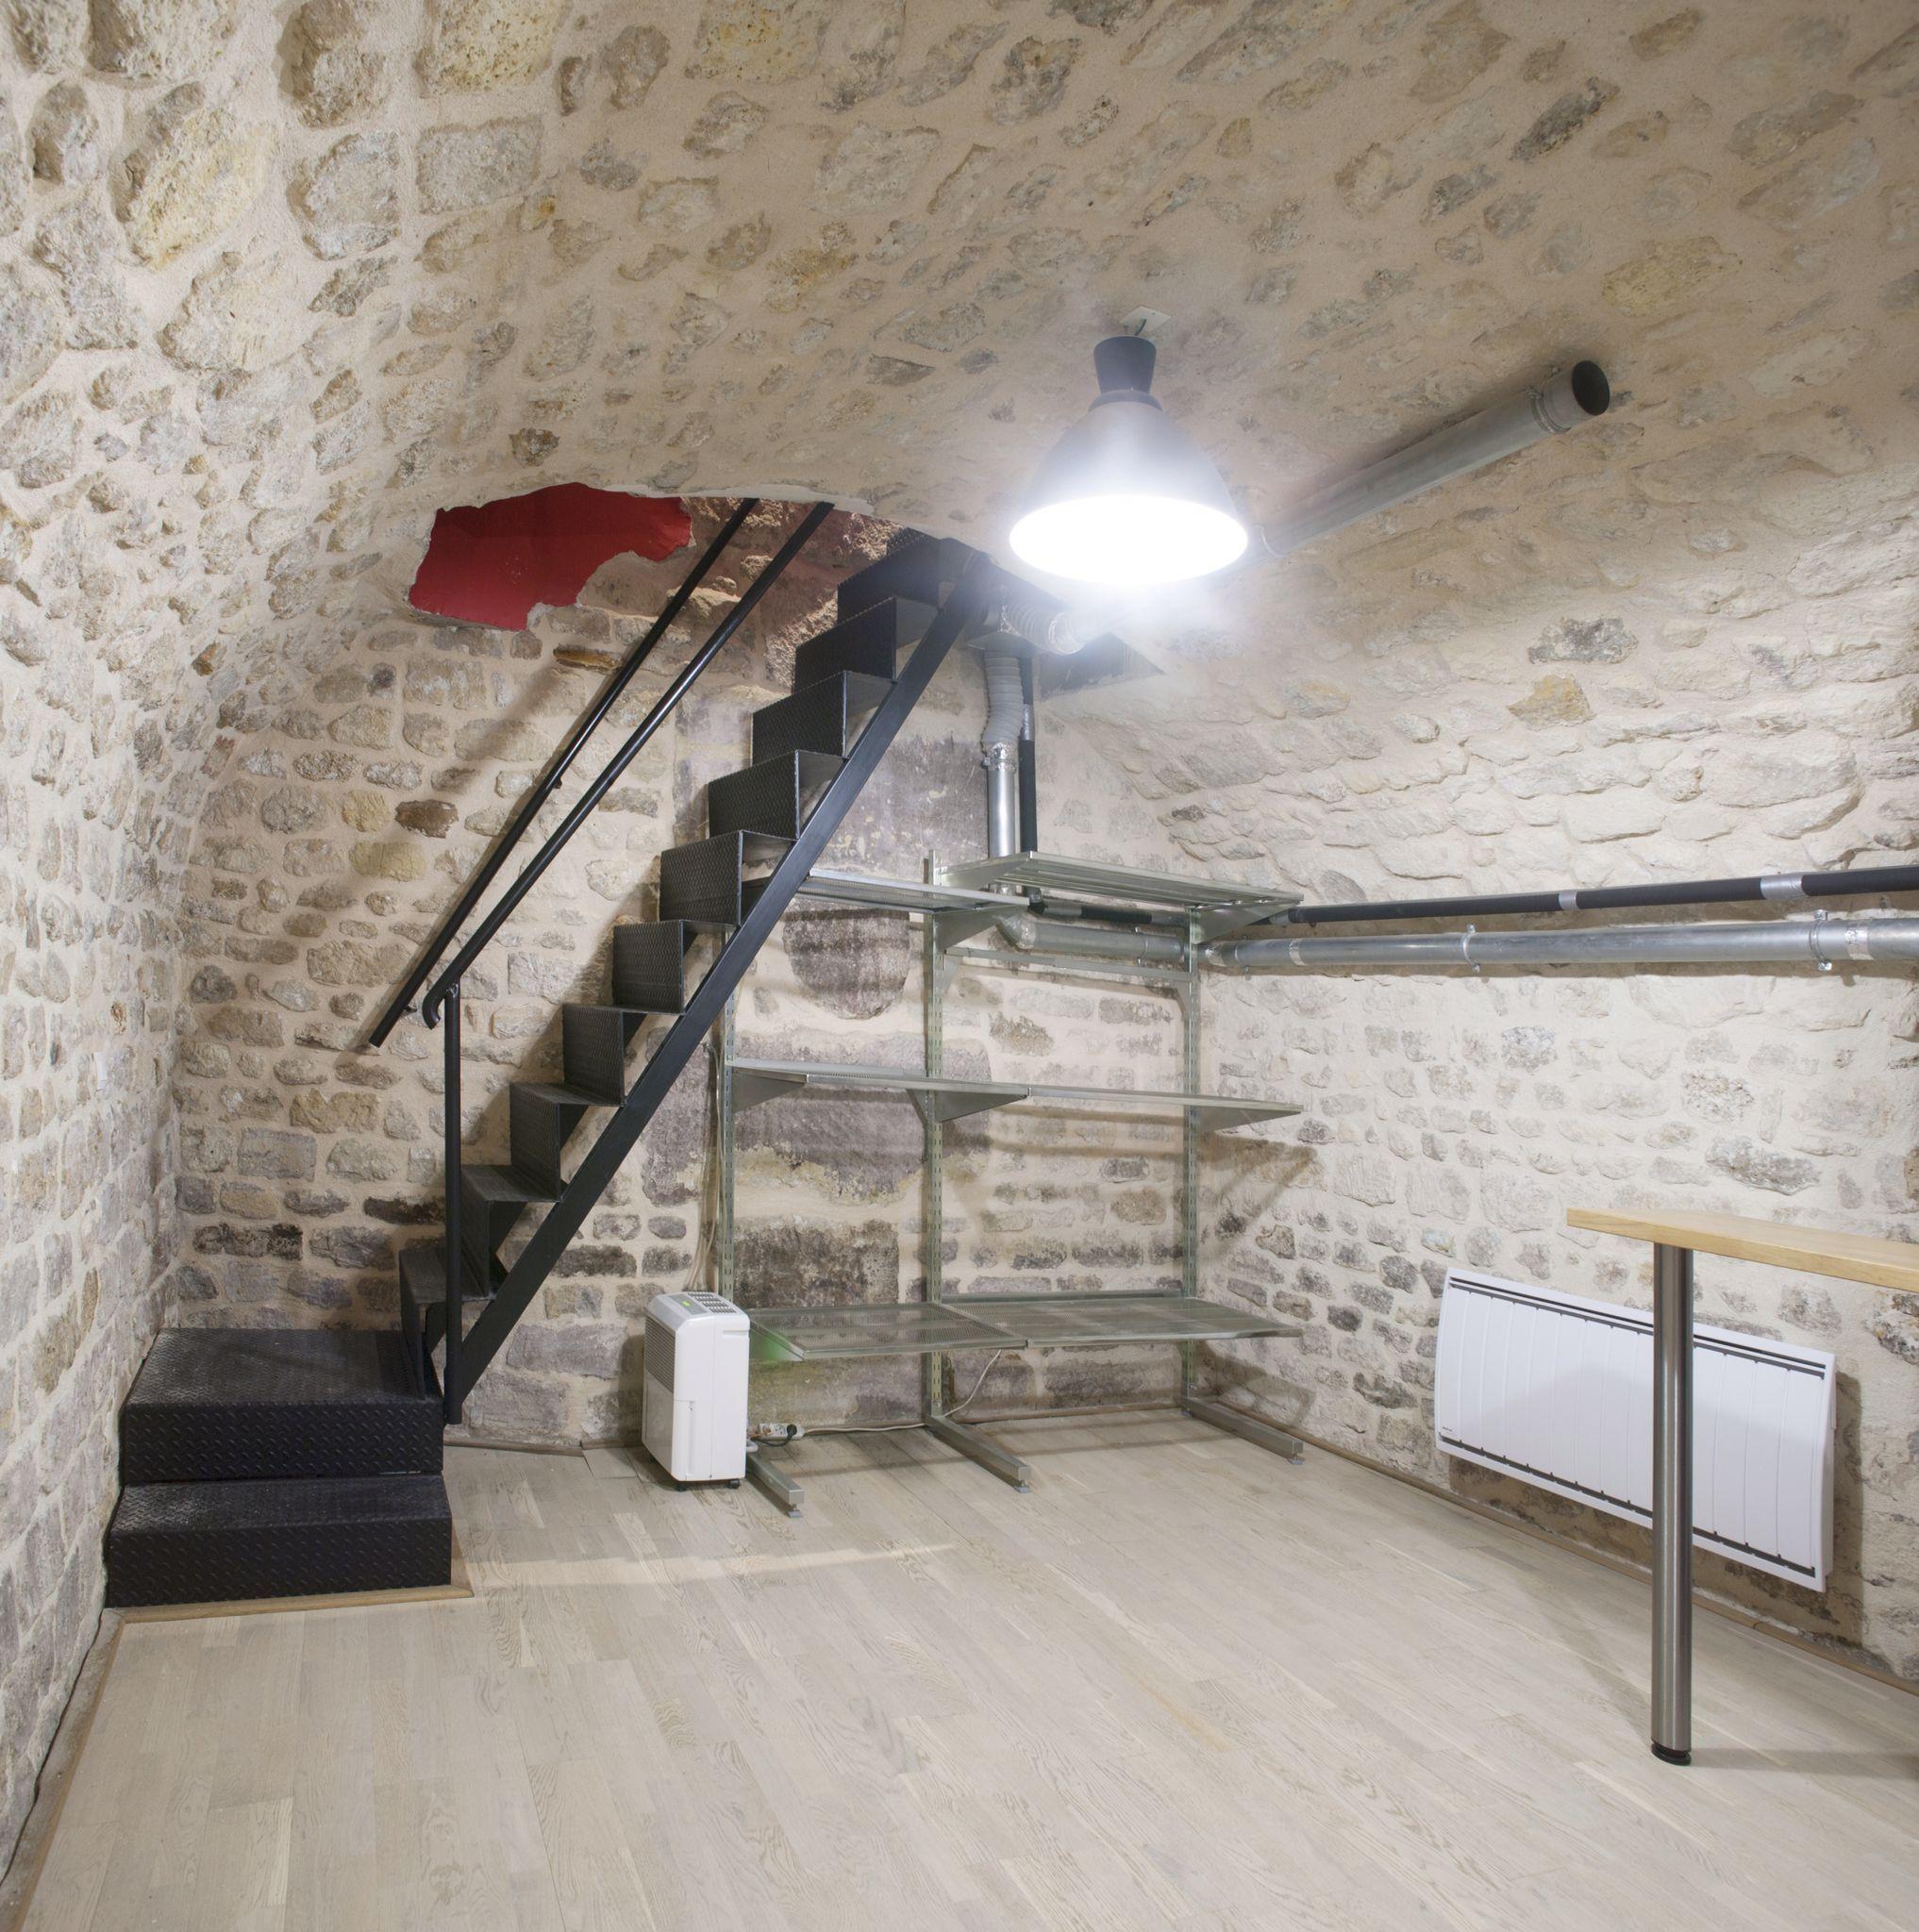 Et Voici Le Deuxieme Escalier En Metal Sur Mesure De Ce Loft Et On Apercoit La Couleur Rouge Qui Fait Le Lien E In 2020 Home Decor Home Remodeling Basement Remodeling